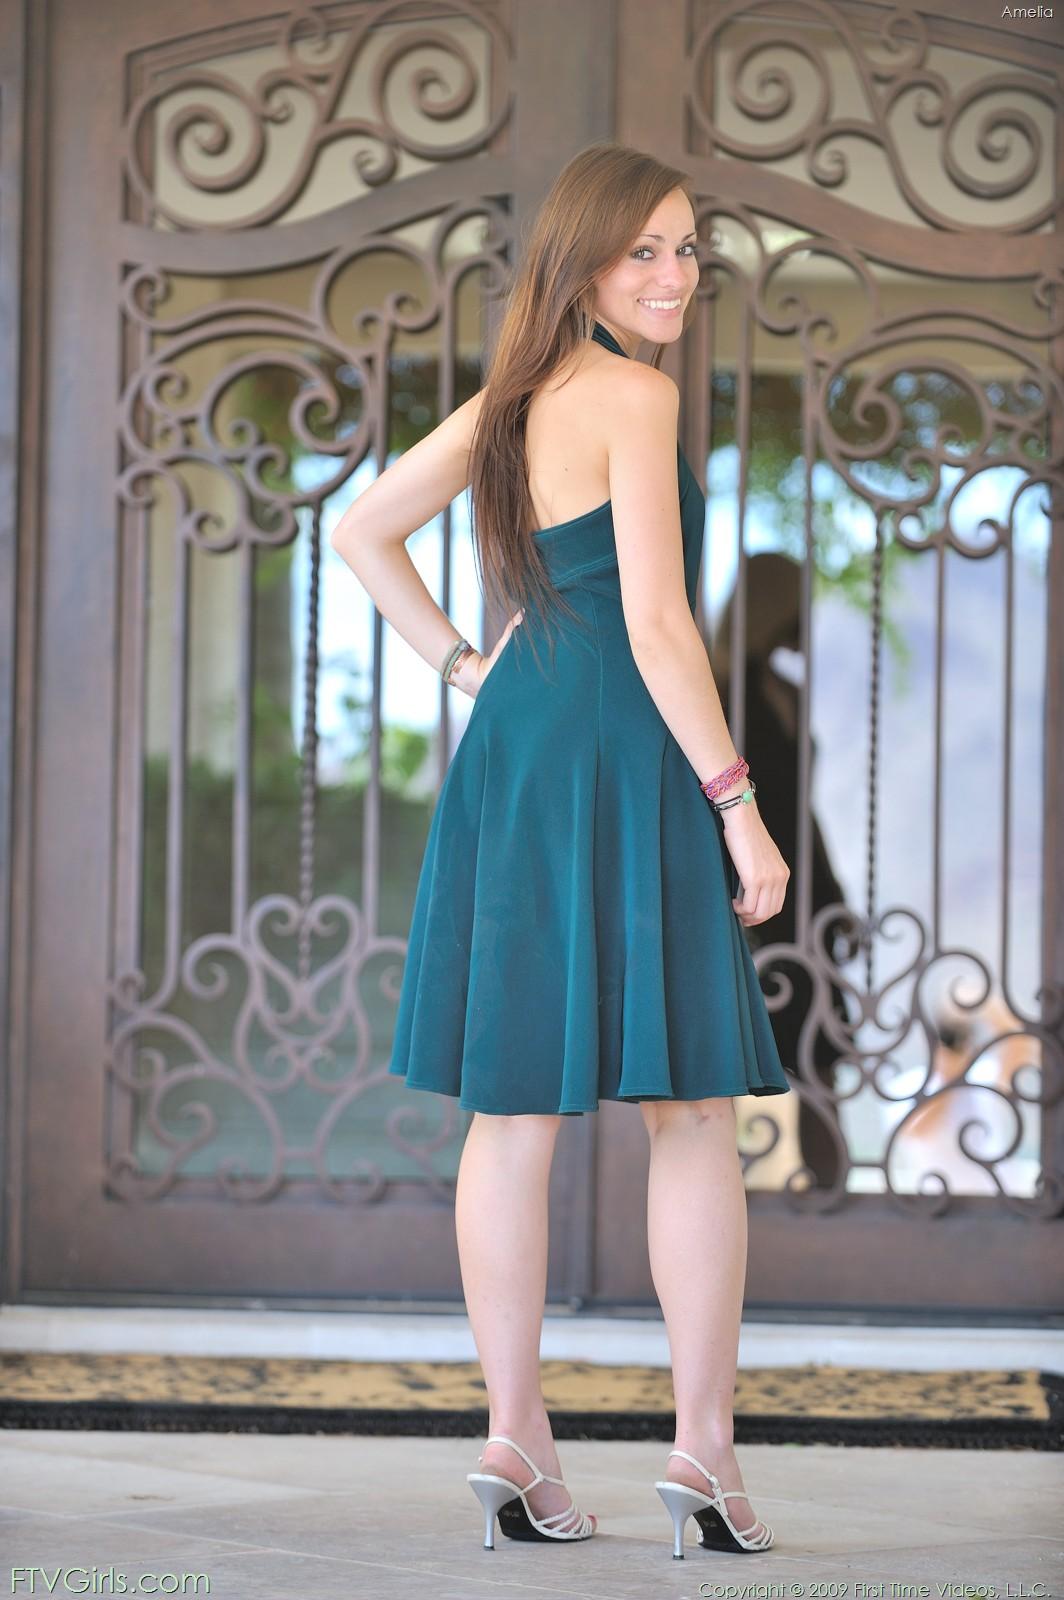 http://content9.novoglam.com/ftvgirls.com/6716/02.jpg